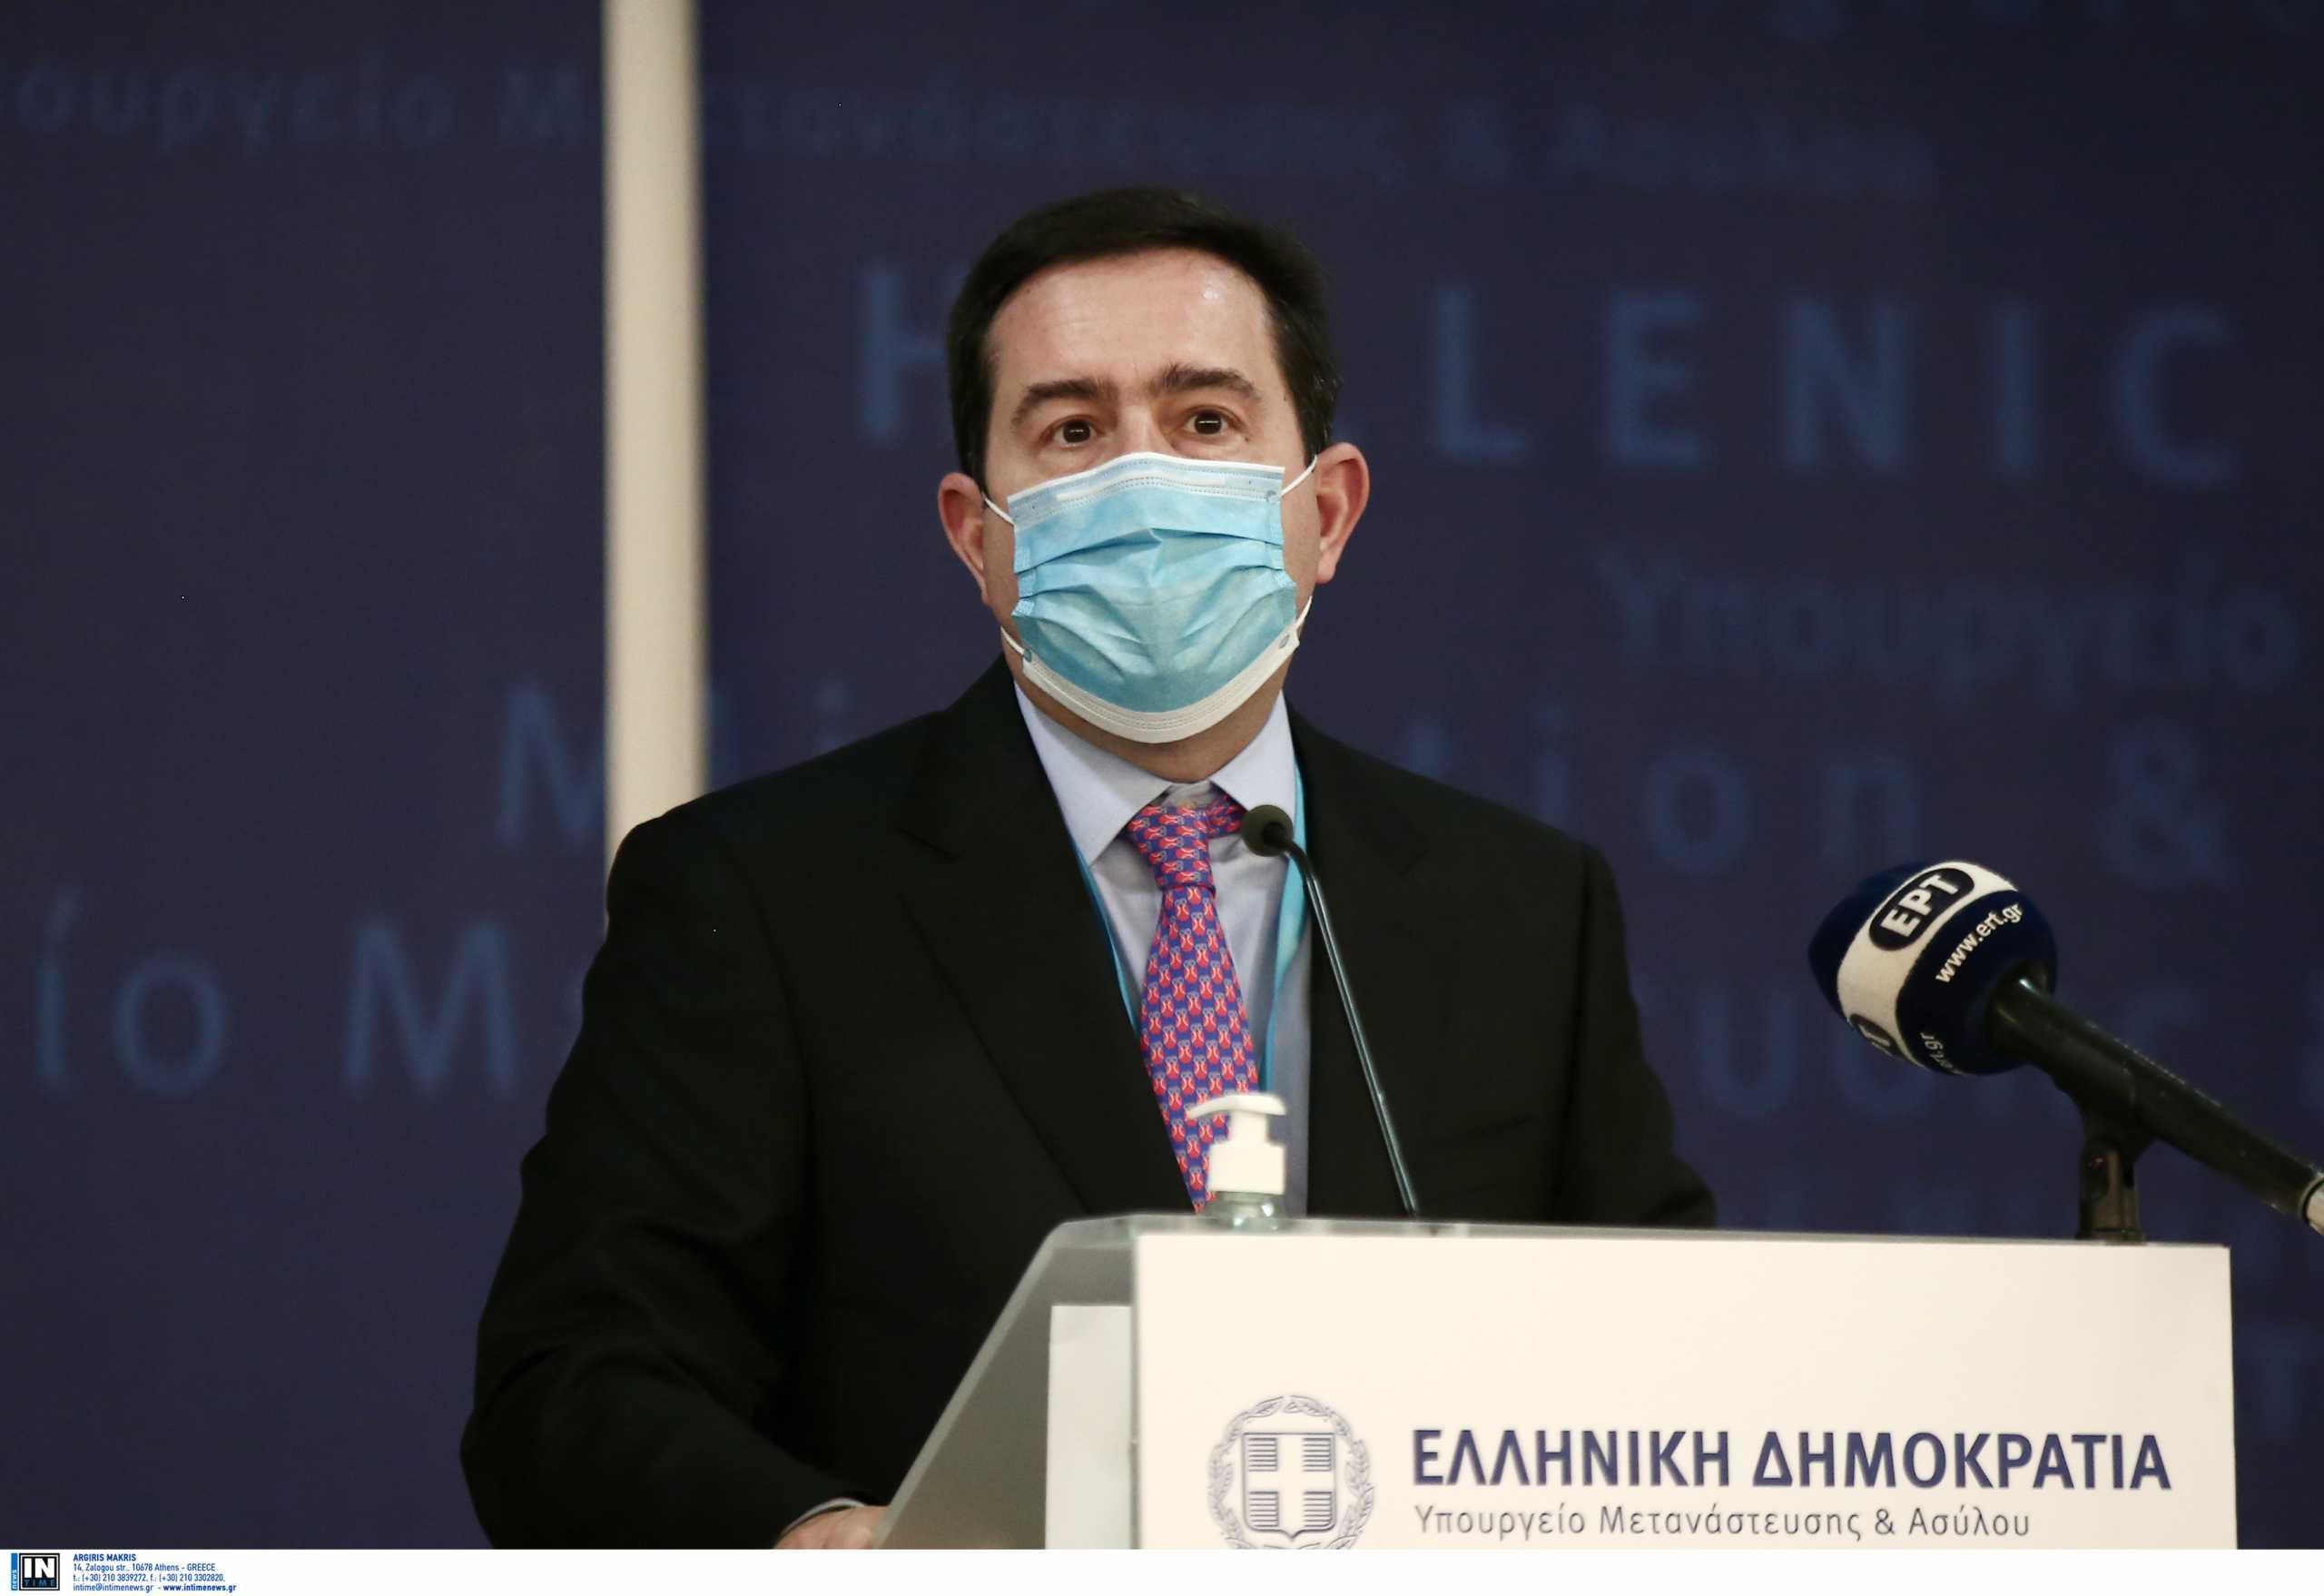 Έβρος: Η δυναμικότητα του ΚΥΤ Φυλακίου σημείο διαφωνίας στην τηλεδιάσκεψη Υπουργού Μετανάστευσης και φορέων